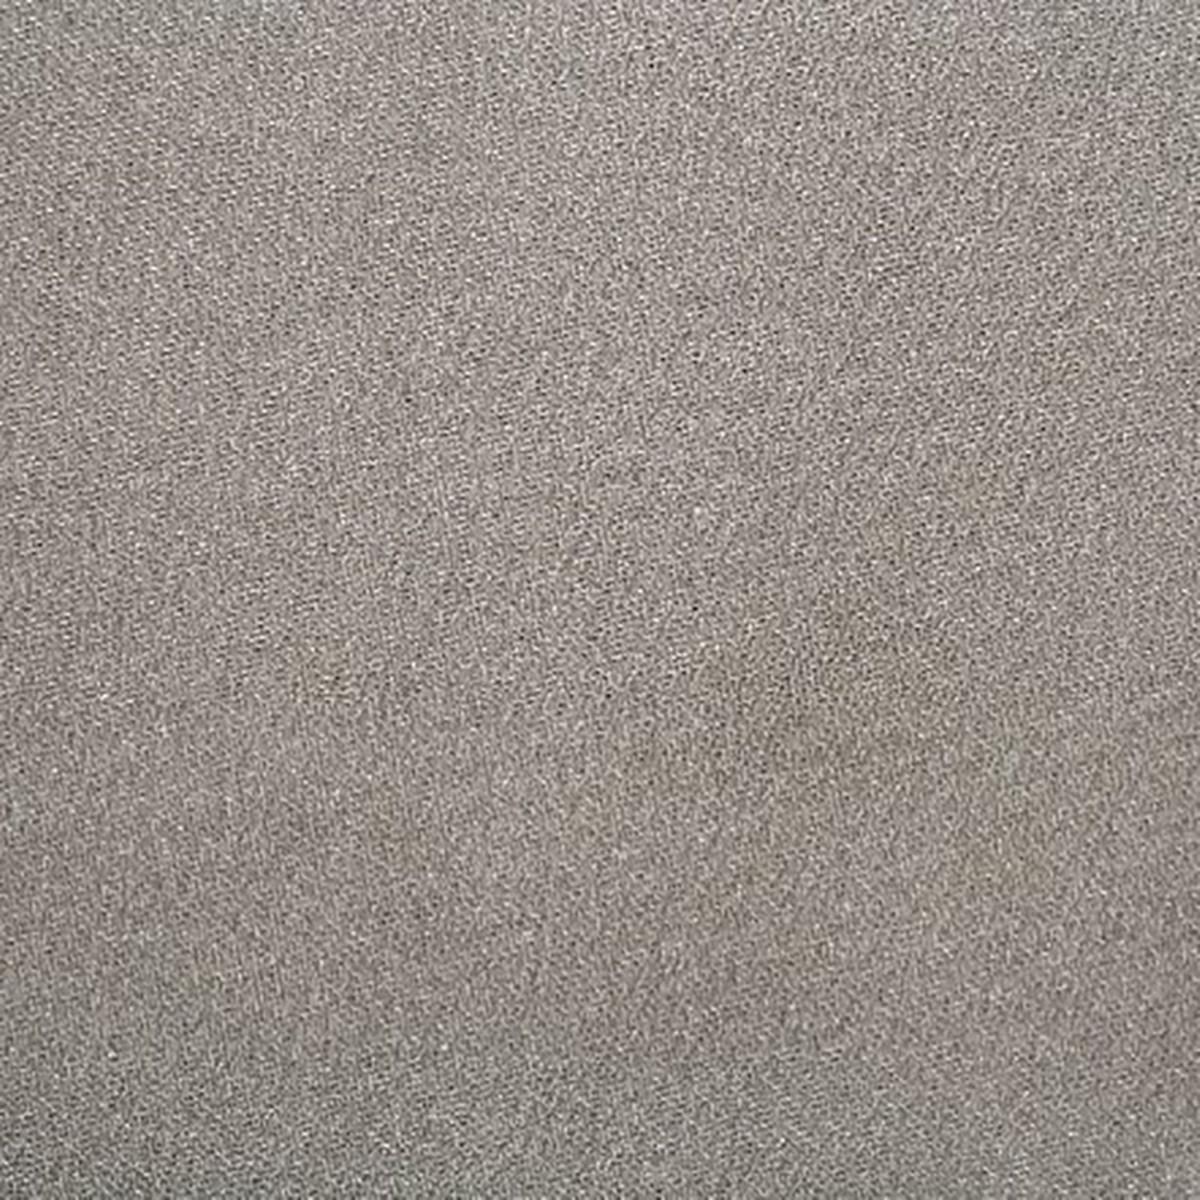 Обои флизелиновые Elysium Melody серые 1.06 м 69402Е